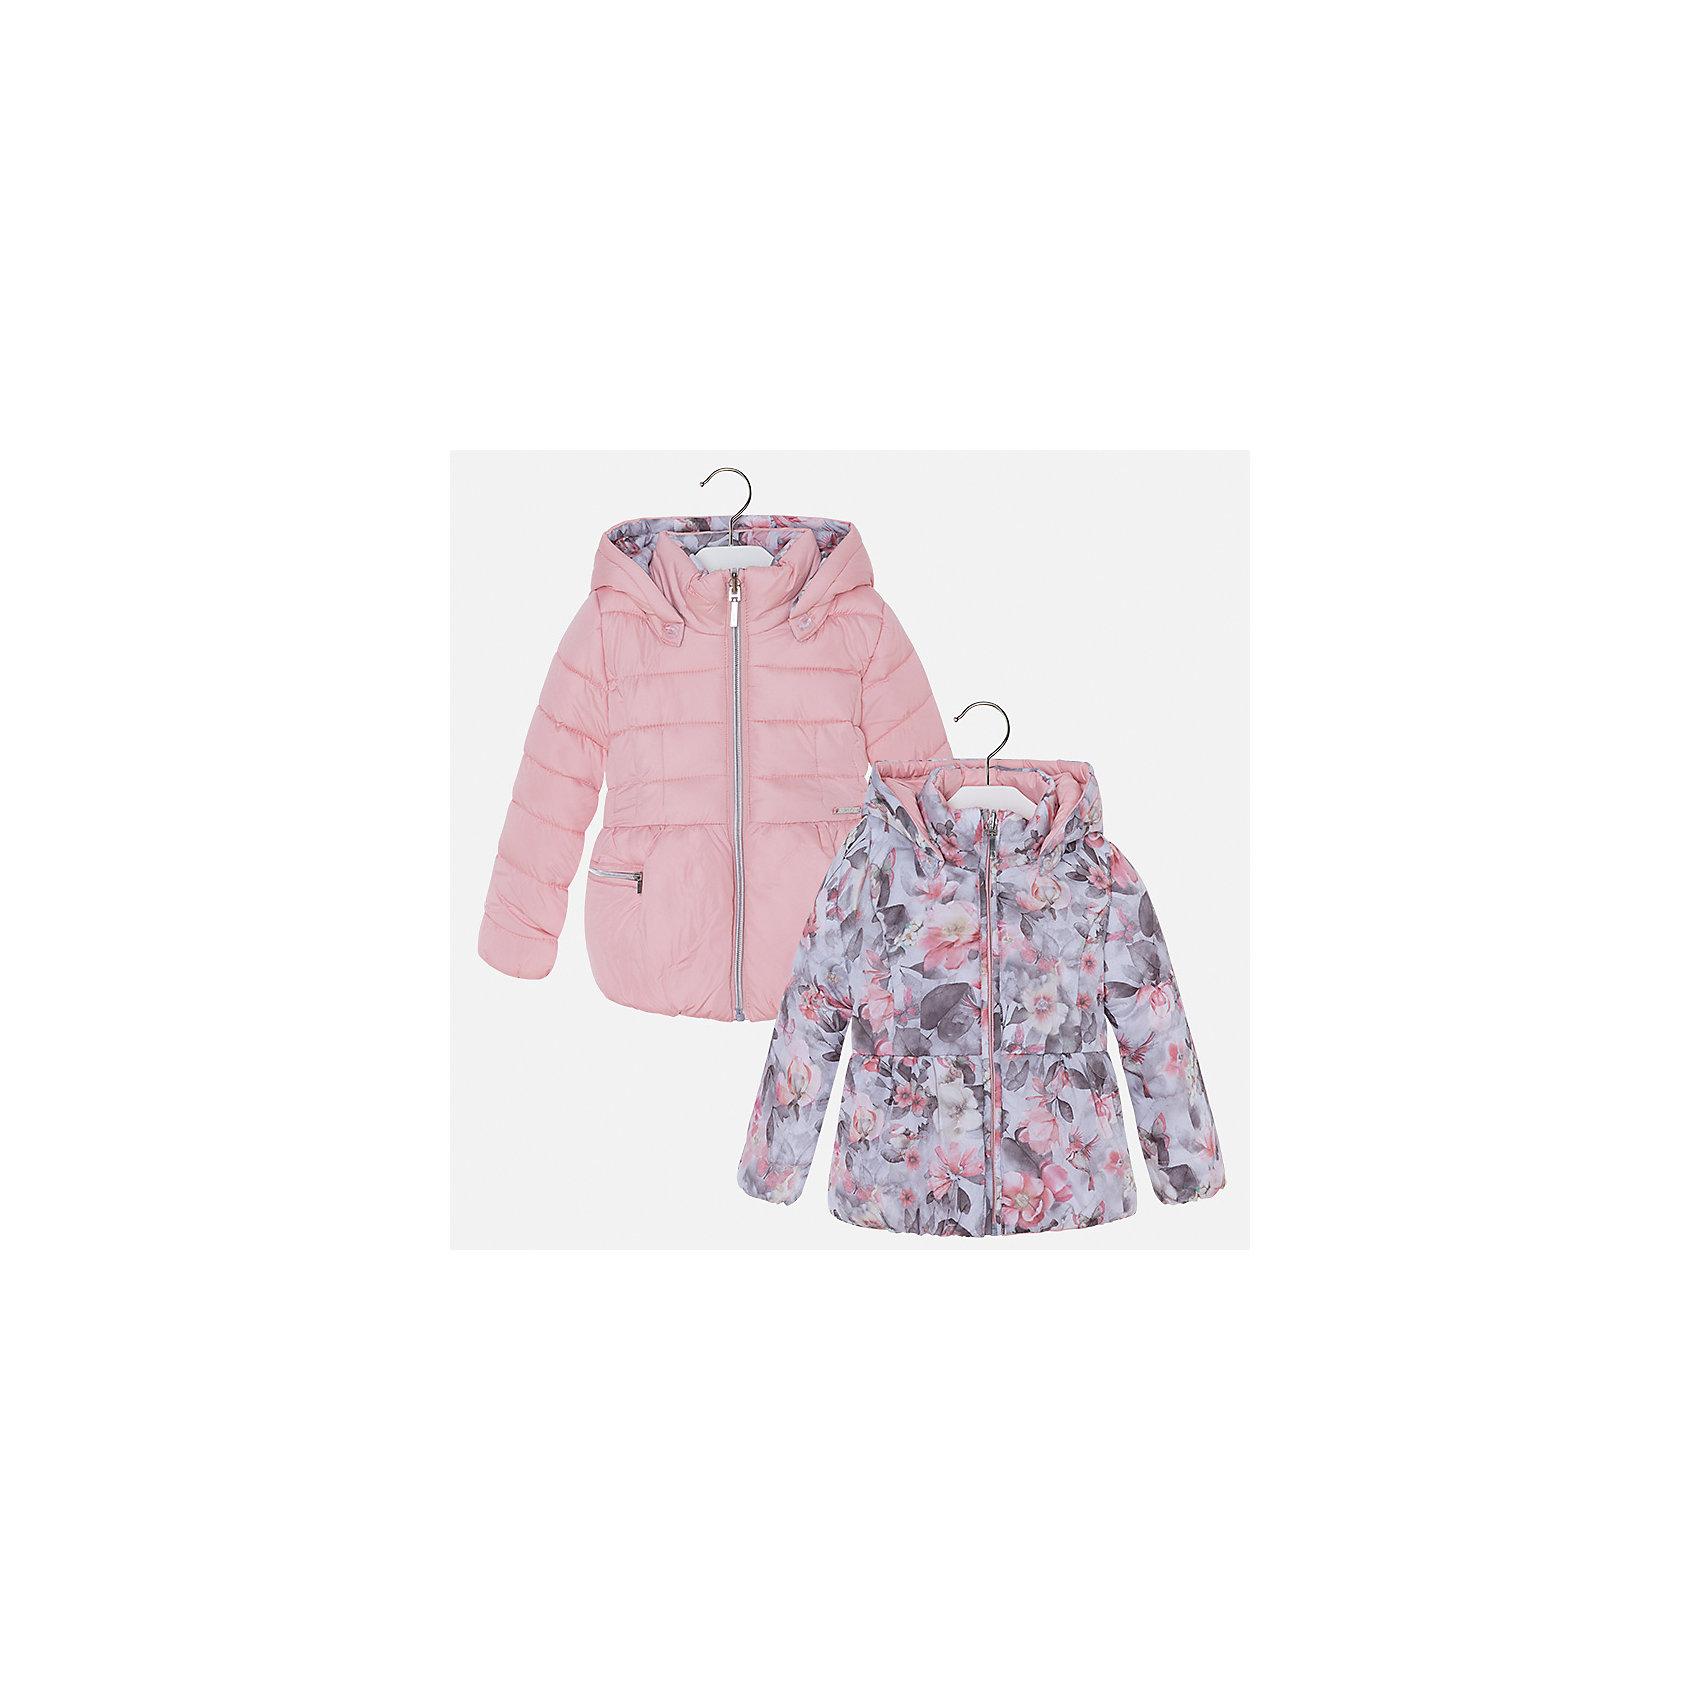 Куртка для девочки MayoralВерхняя одежда<br>Характеристики товара:<br><br>• цвет: розовый<br>• состав ткани: 100% полиамид, подклад - 100% полиэстер, утеплитель - 100% полиэстер<br>• застежка: молния<br>• длинные рукава<br>• двусторонняя<br>• сезон: демисезон<br>• температурный режим: от 0 до -10С<br>• страна бренда: Испания<br>• страна изготовитель: Китай<br><br>Двусторонняя куртка для девочки эффектно смотрится благодаря приталенному силуэту. Модная куртка от Майорал - это пример отличного вкуса и высокого качества. <br><br>В одежде от испанской компании Майорал ребенок будет выглядеть модно, а чувствовать себя - комфортно. Целая команда европейских талантливых дизайнеров работает над созданием стильных и оригинальных моделей одежды.<br><br>Куртку для девочки Mayoral (Майорал) можно купить в нашем интернет-магазине.<br><br>Ширина мм: 356<br>Глубина мм: 10<br>Высота мм: 245<br>Вес г: 519<br>Цвет: розовый<br>Возраст от месяцев: 96<br>Возраст до месяцев: 108<br>Пол: Женский<br>Возраст: Детский<br>Размер: 134,92,98,104,110,116,122,128<br>SKU: 6924492